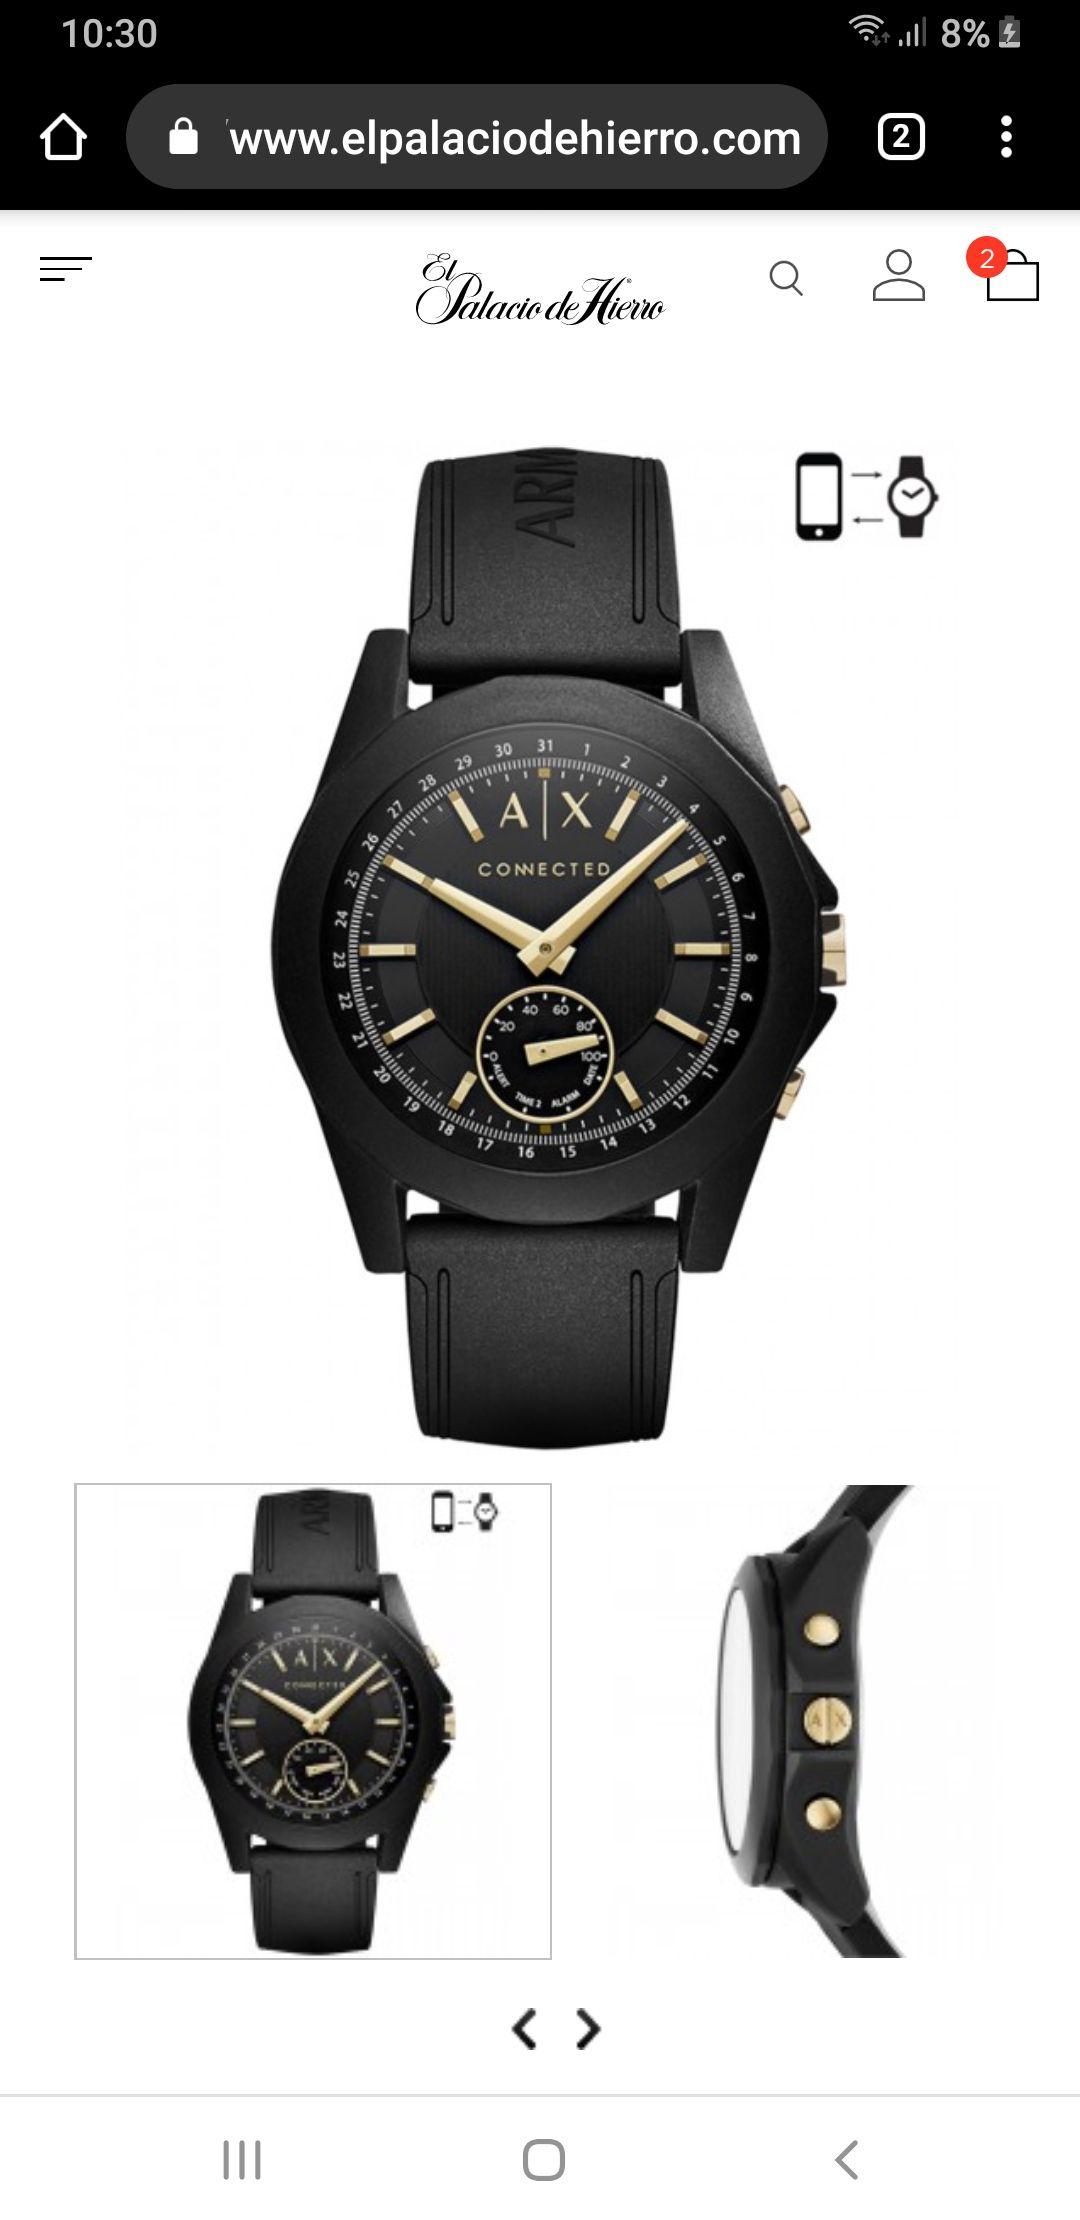 El Palacio de Hierro en línea:  Relojes Híbridos desde $1599 pesos